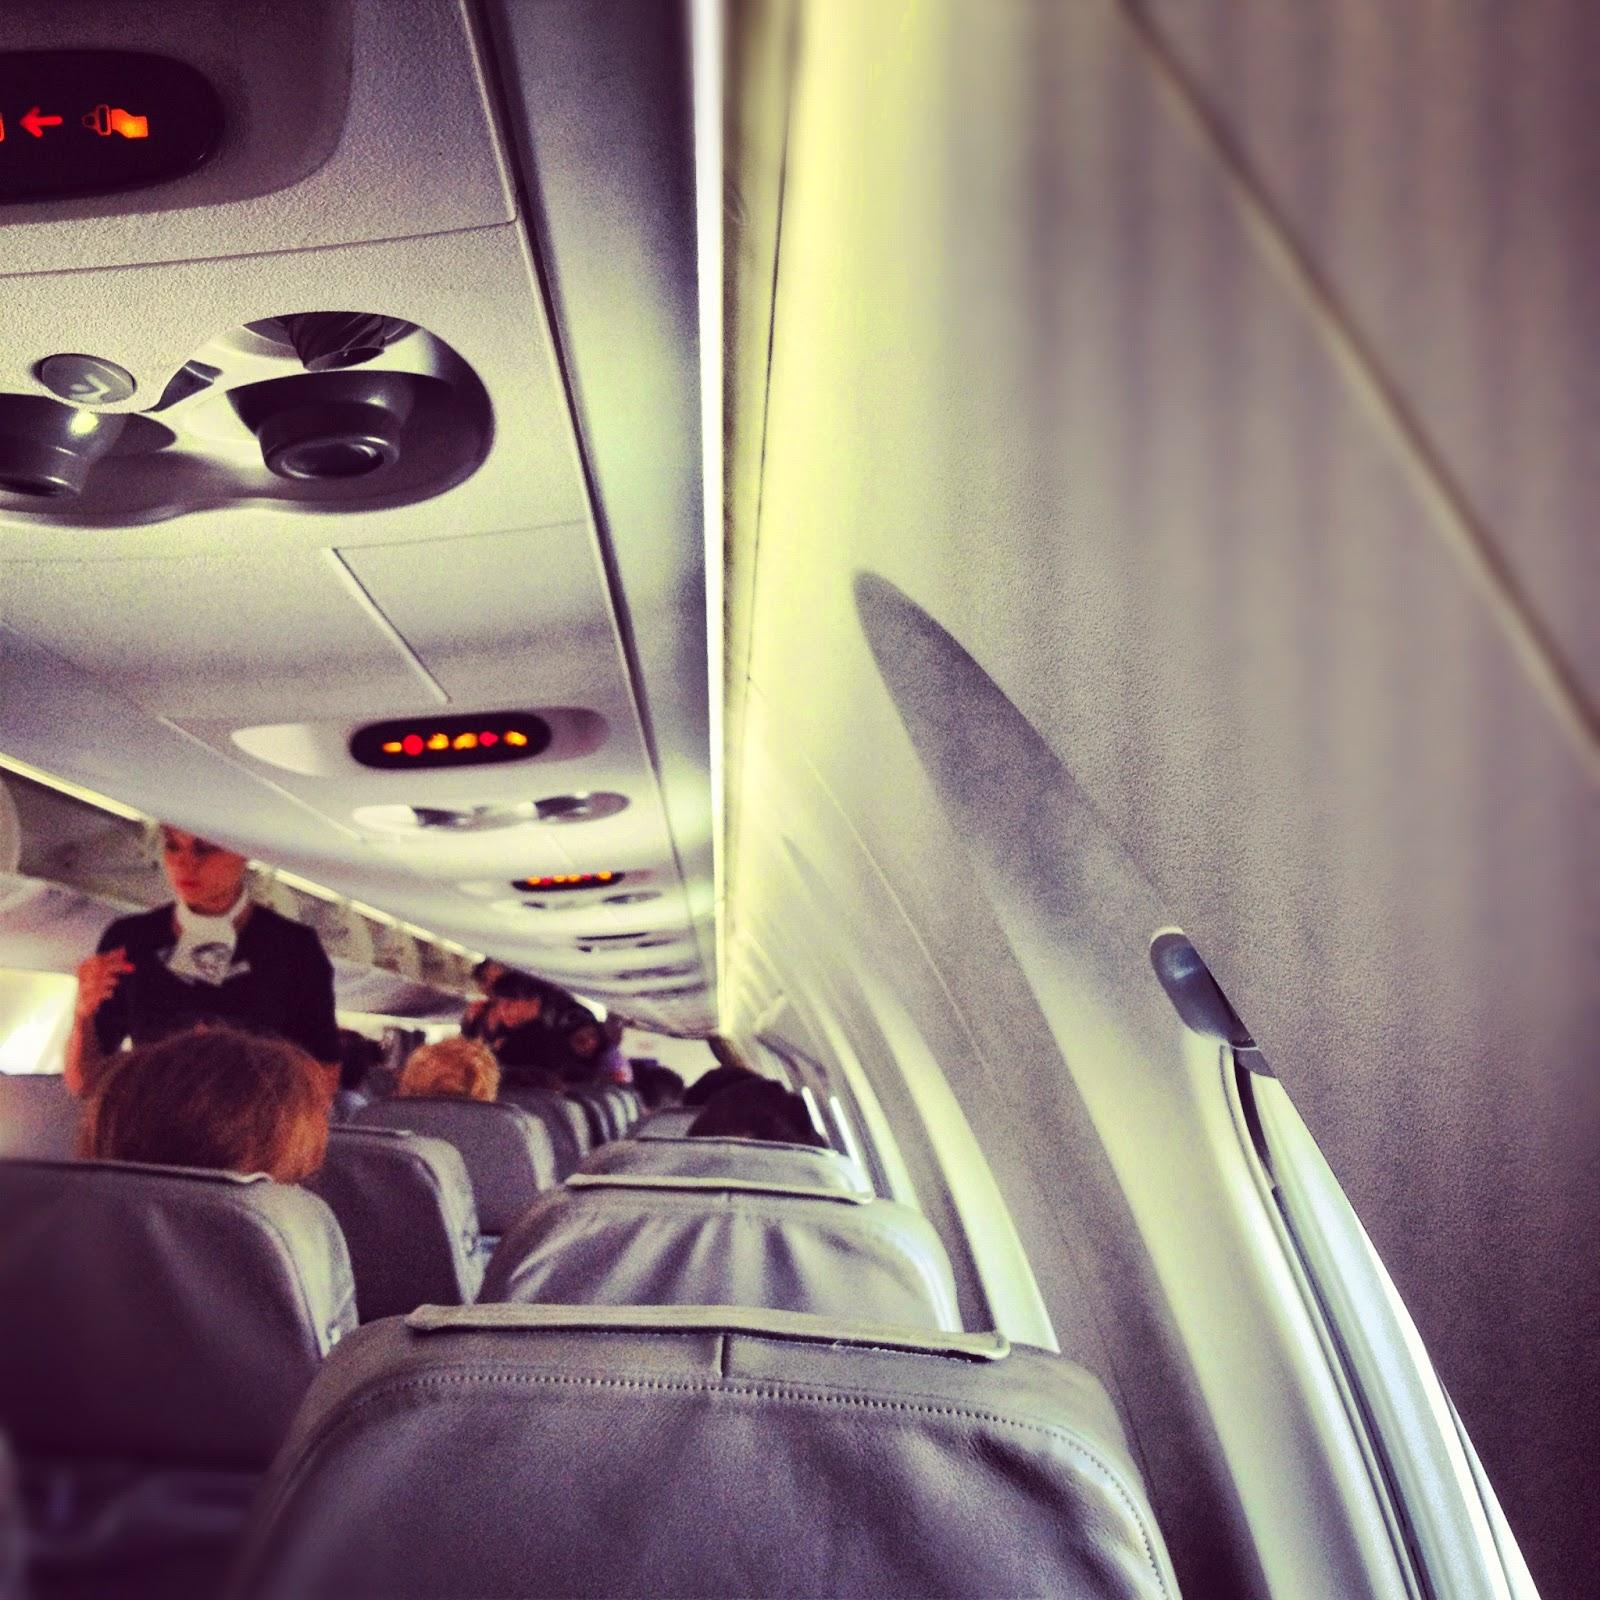 Flugzeug, plane, fliegen, flight, stewardessen, stewardesses, flight attendant